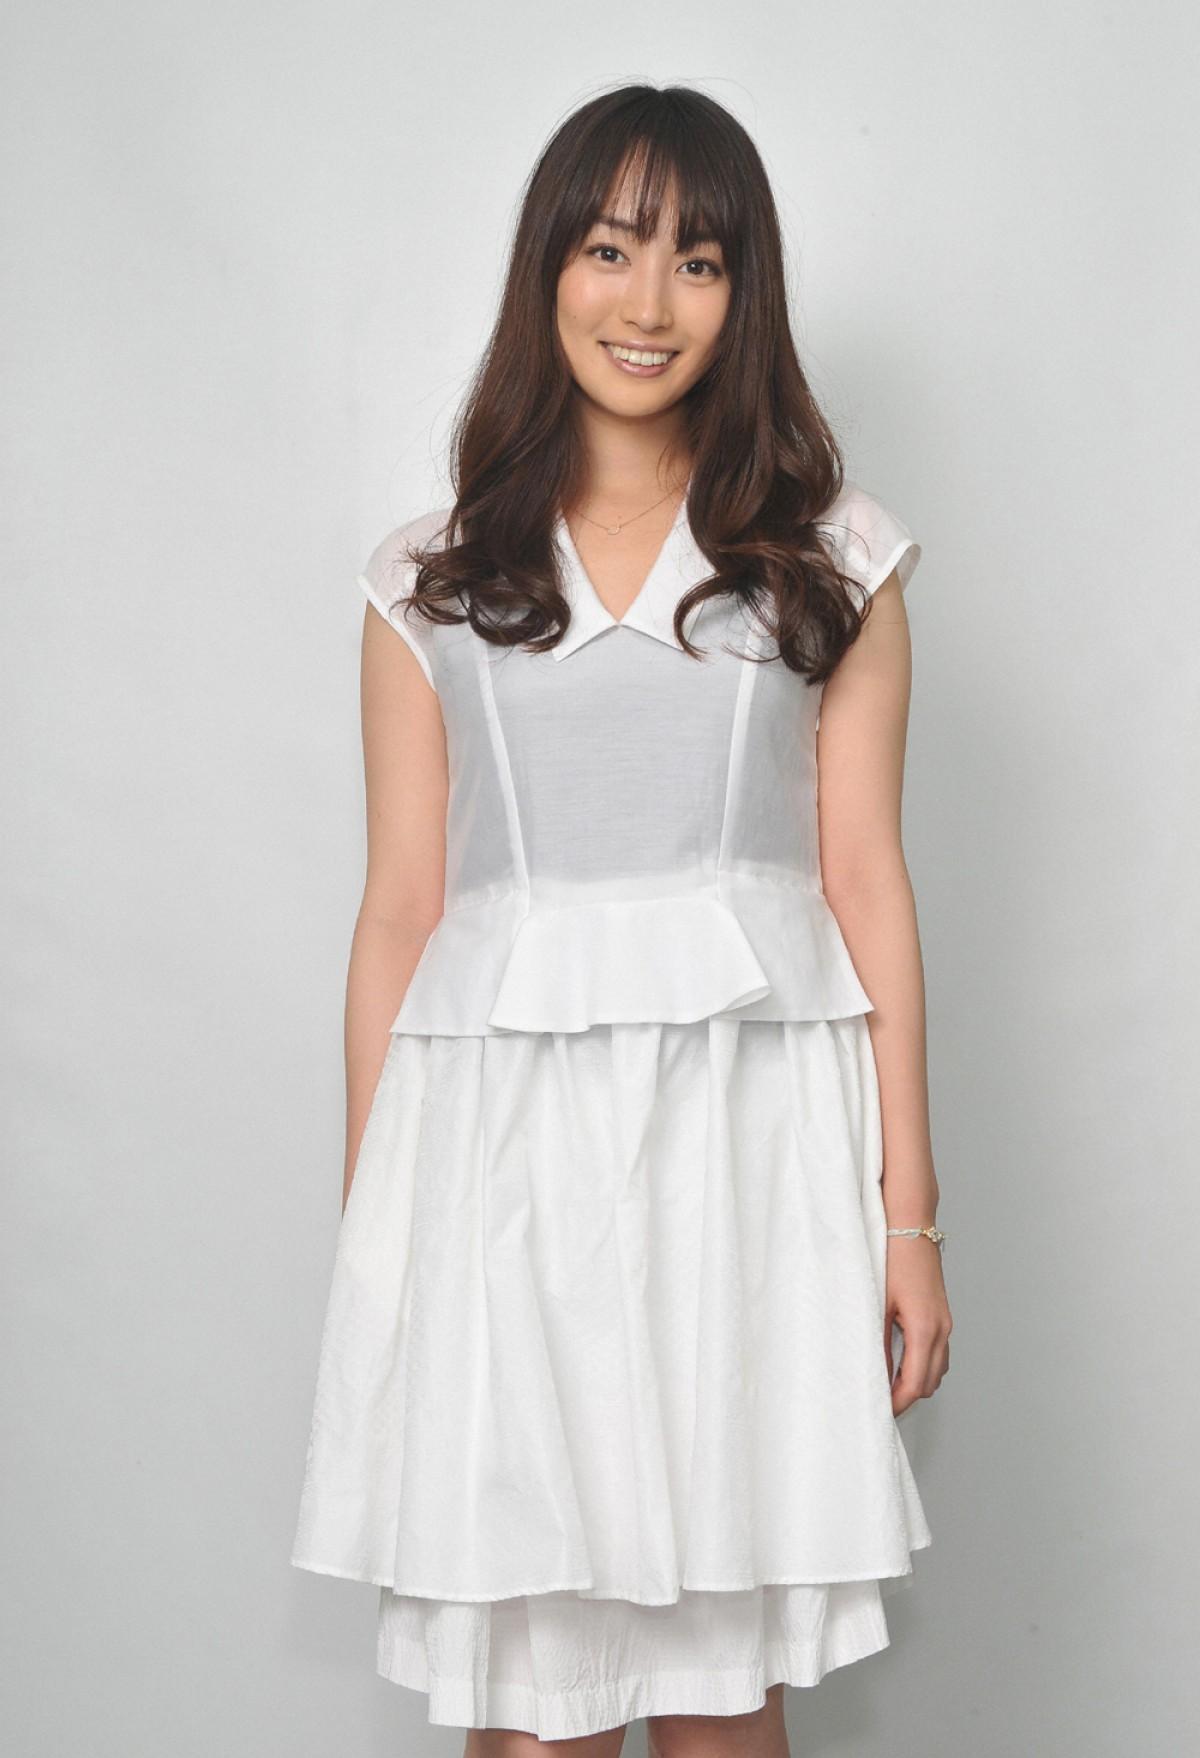 白いワンピースを着ている巻き髪の高梨臨のかわいい画像